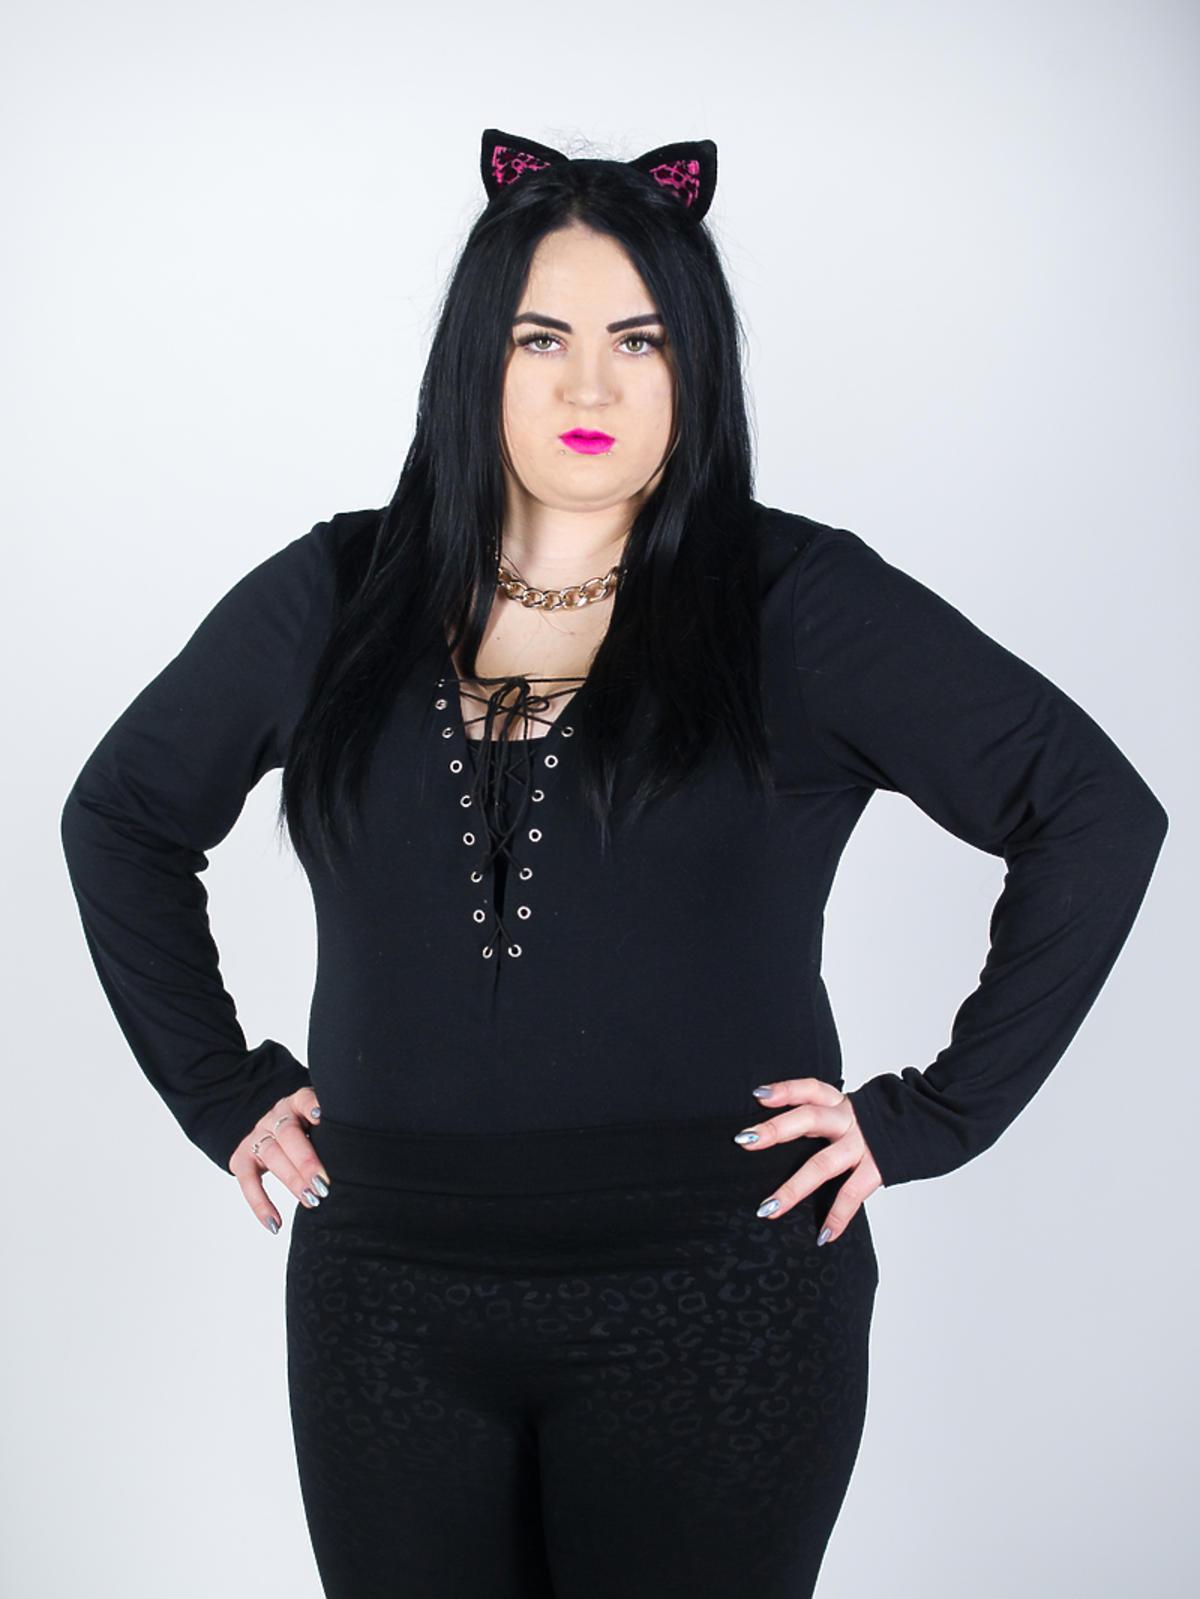 Daria Juszczyk